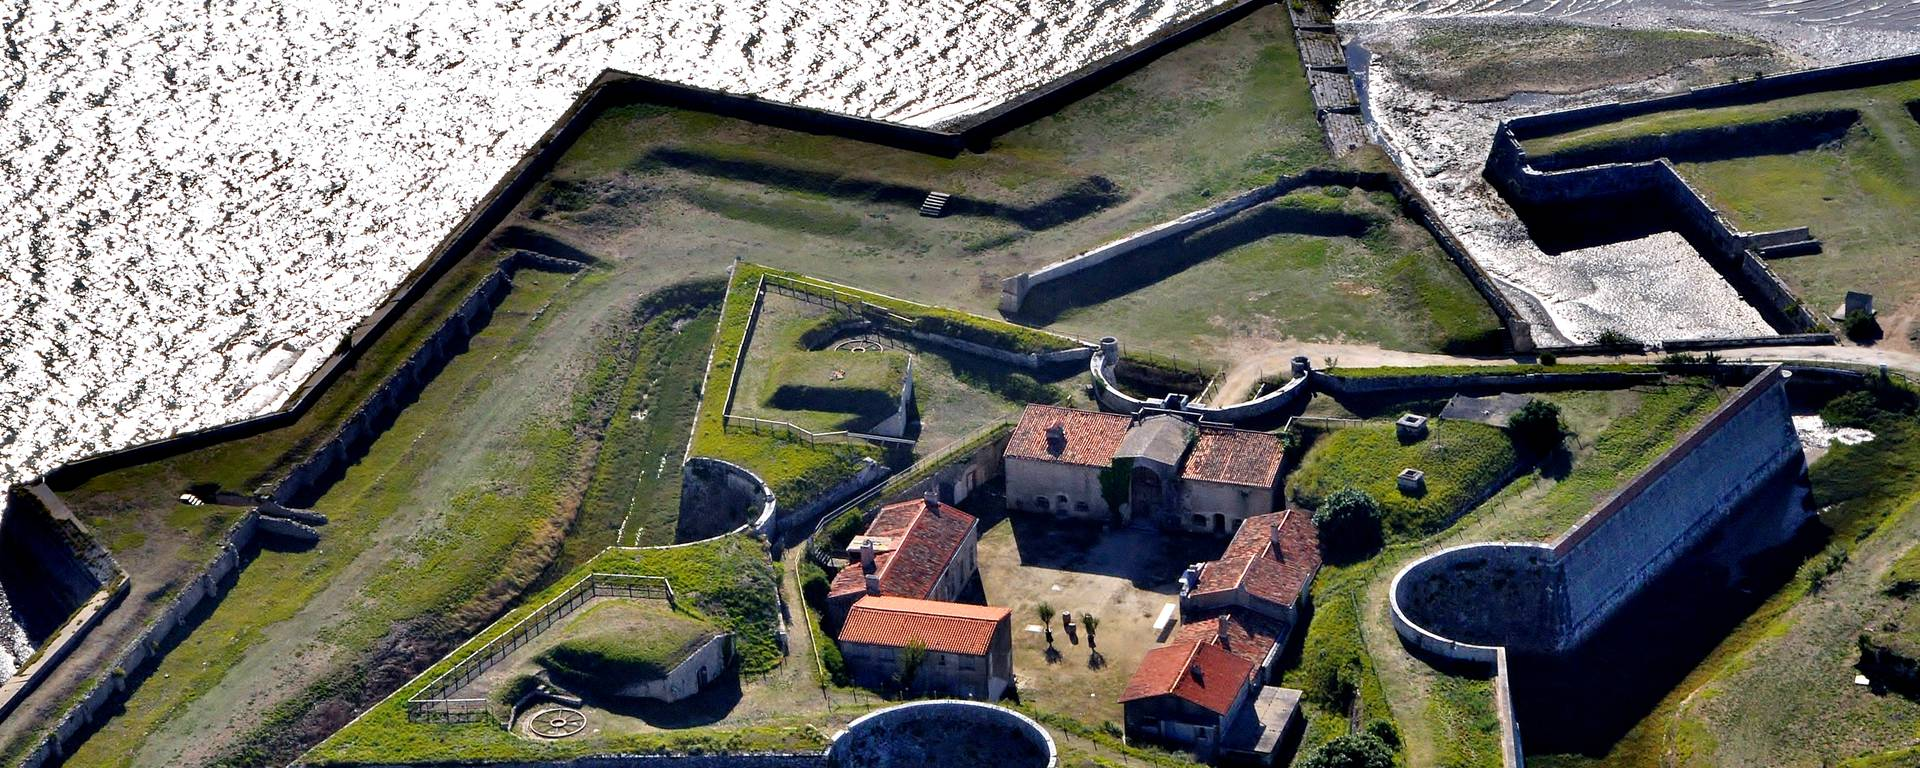 Le fort la Prée in La Flotte en Ré